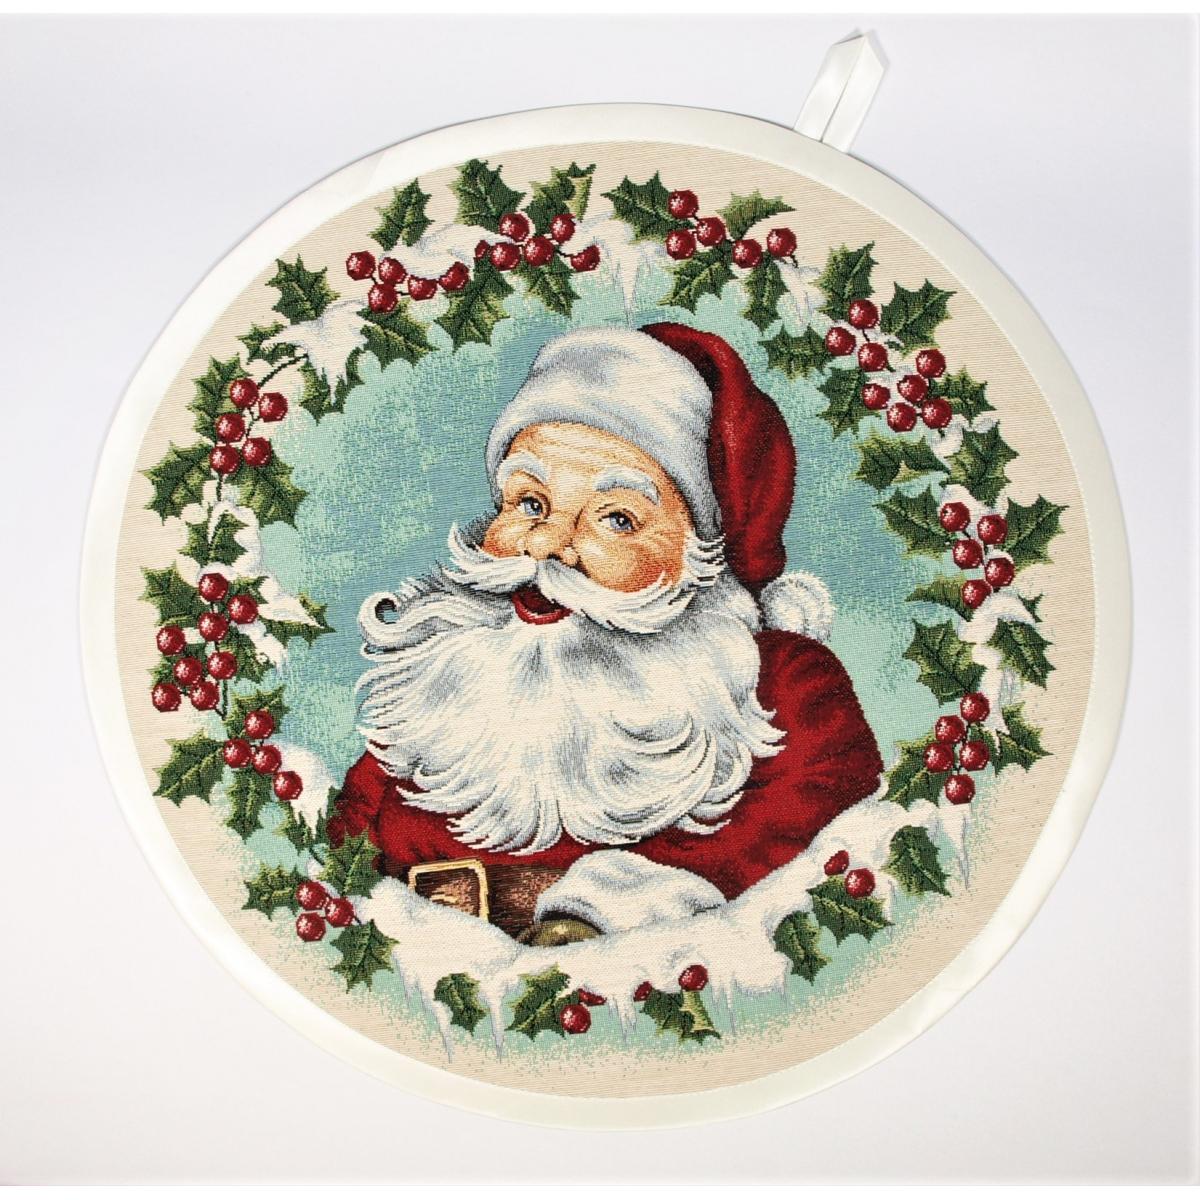 Serweta świąteczna Santa - Koło